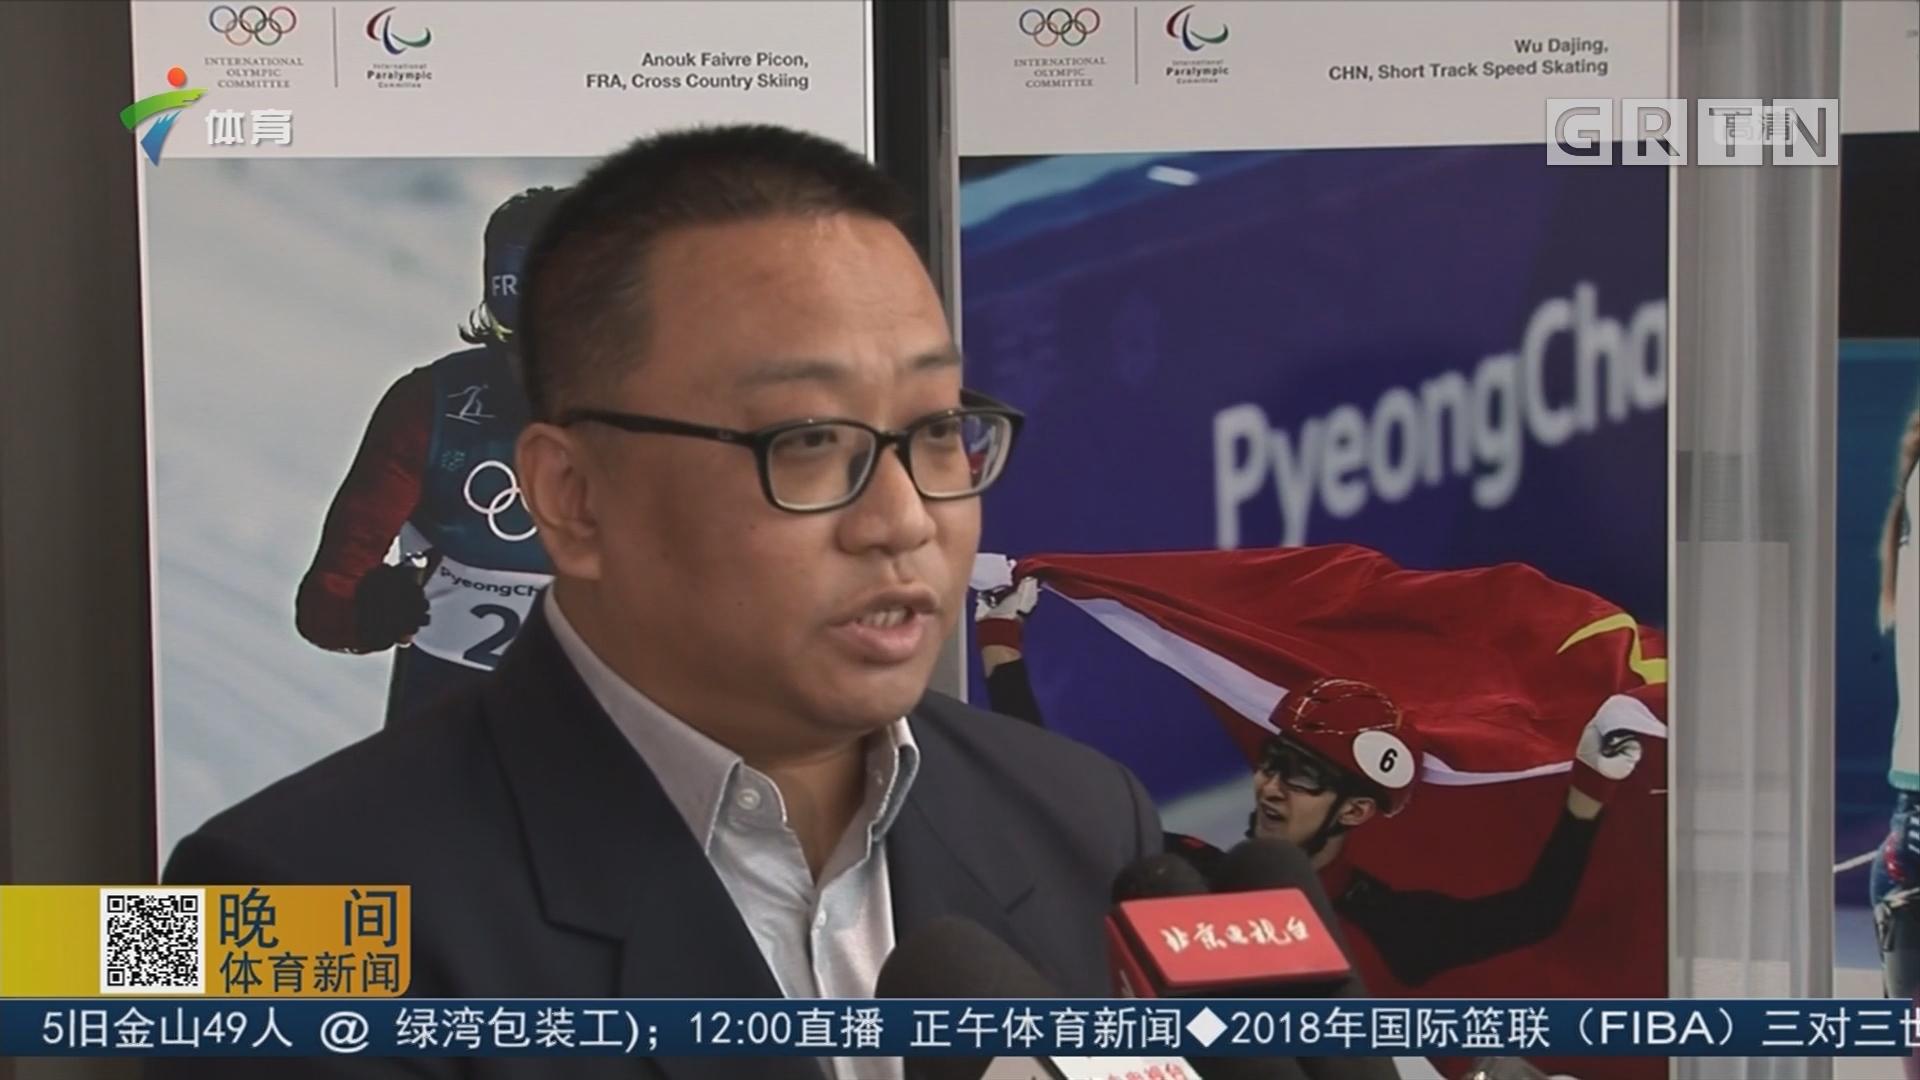 北京冬奥组委公开征集冬奥会开幕式创意文案